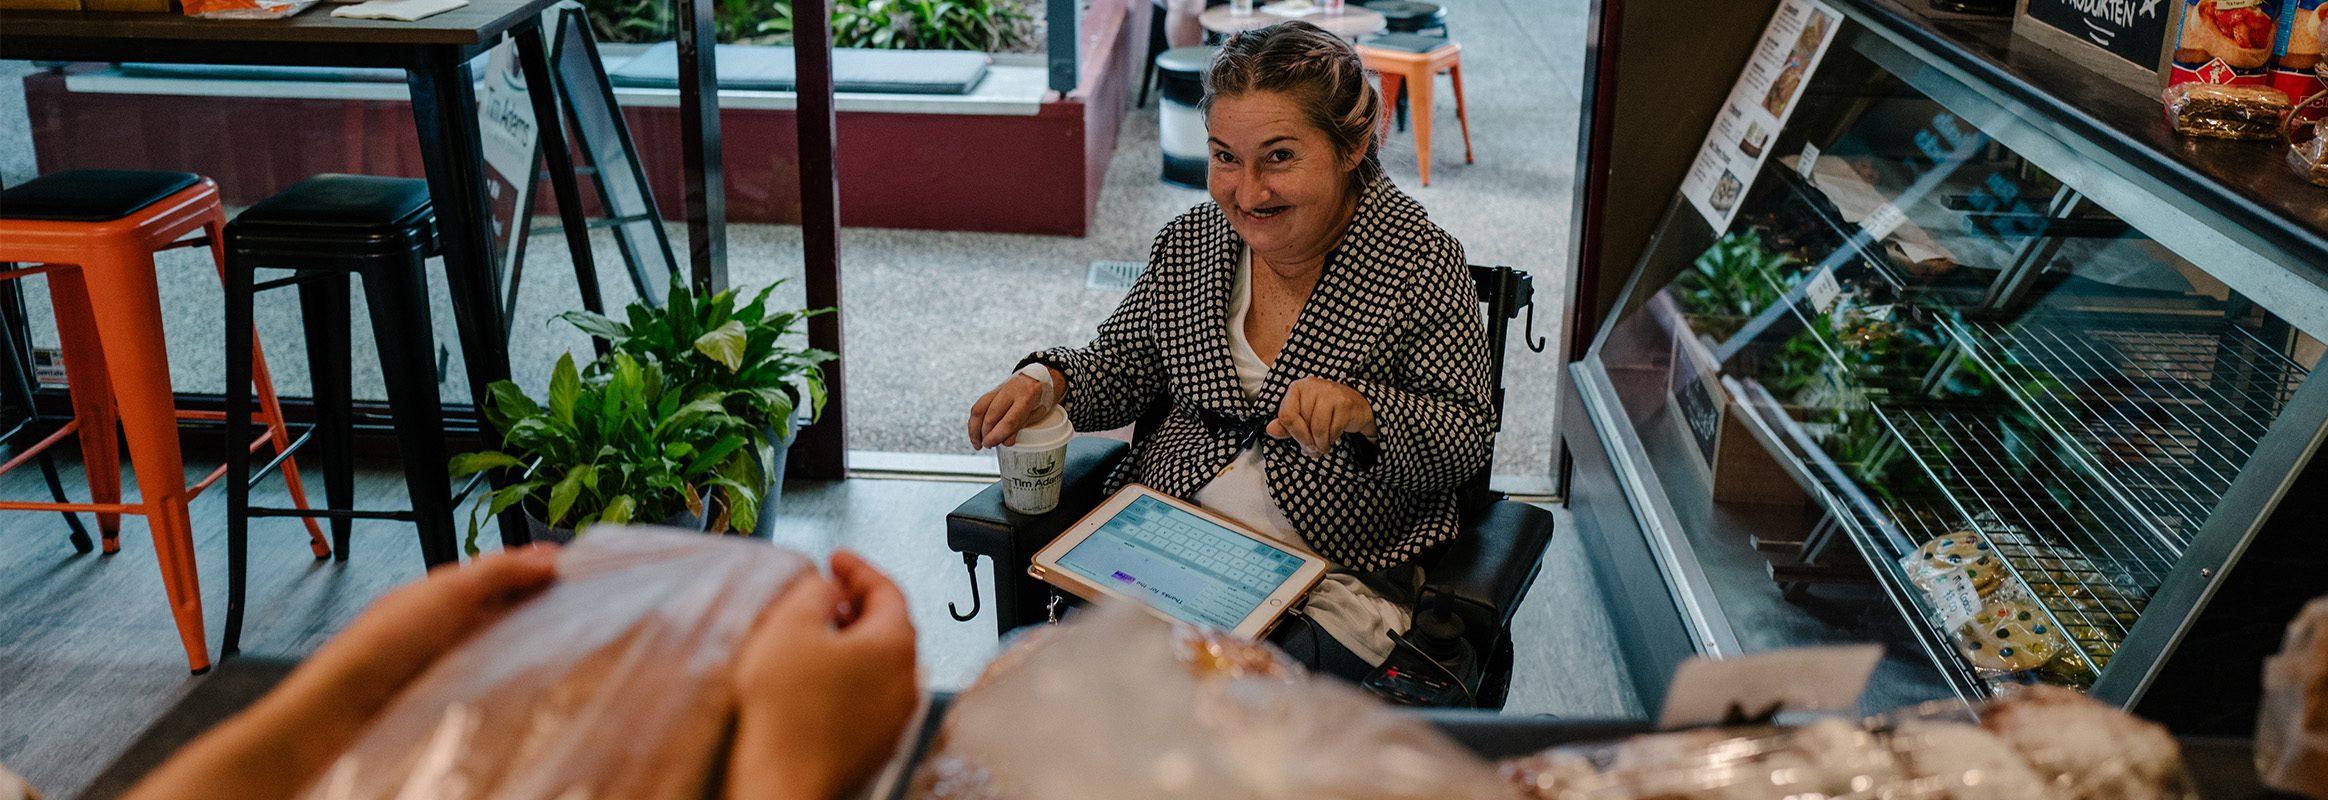 Femme en commande de boulangerie avec iPad Proloquo4Text